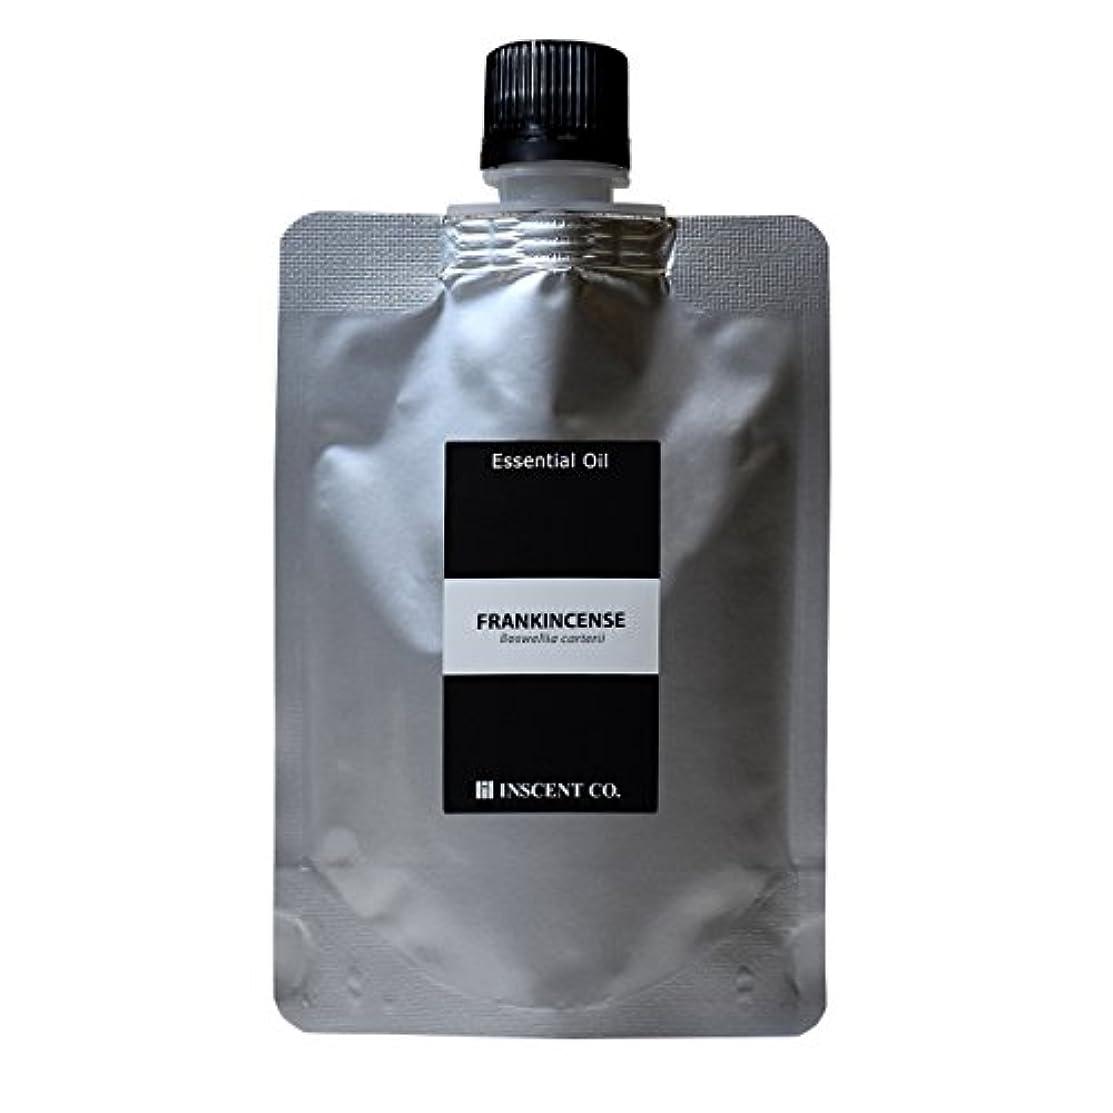 (詰替用 アルミパック) フランキンセンス (オリバナム/乳香) 100ml インセント アロマオイル AEAJ 表示基準適合認定精油